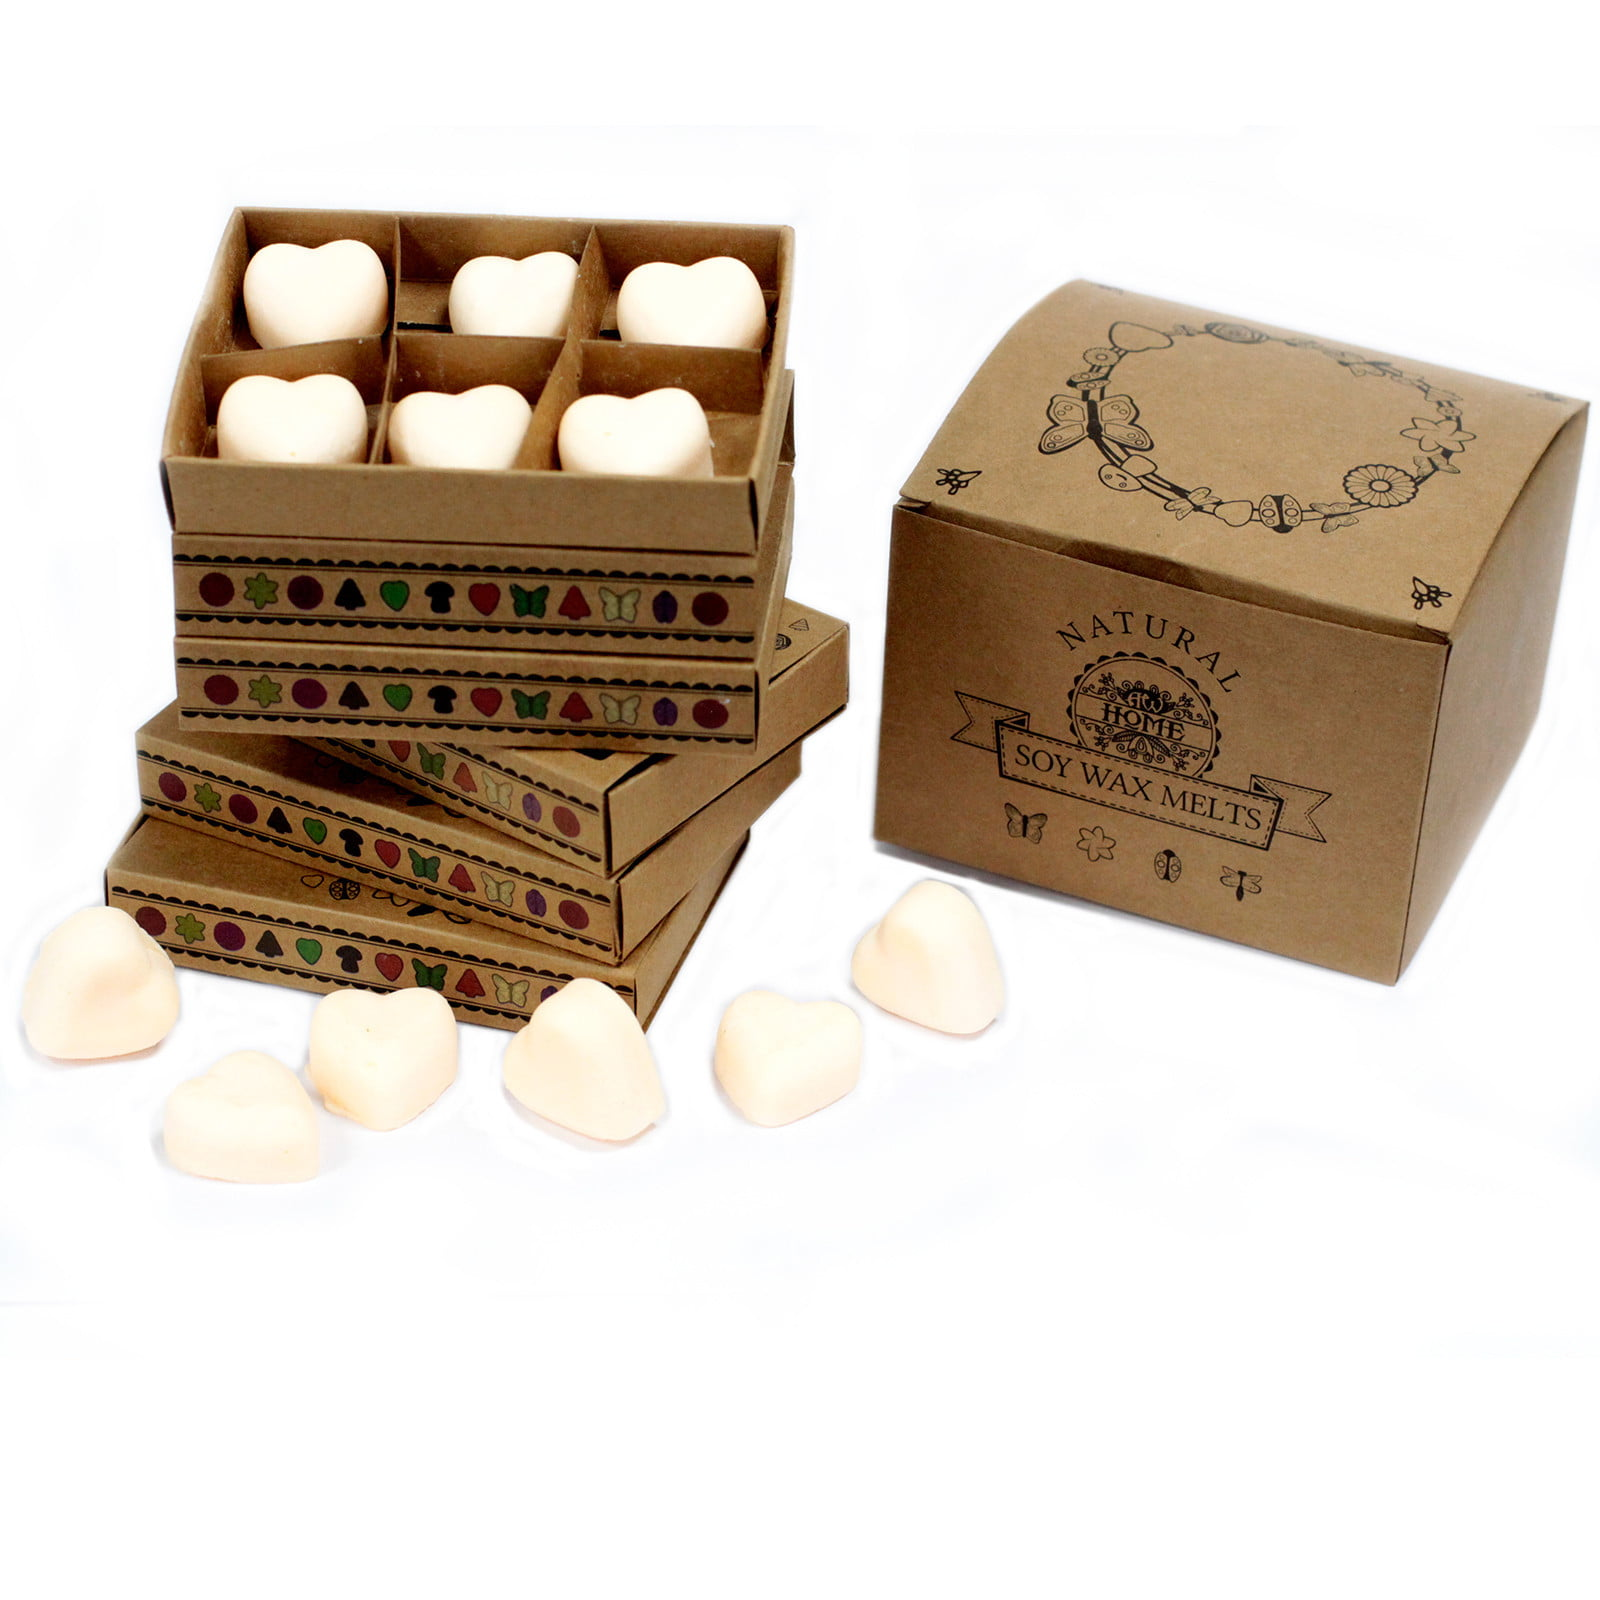 Caixa de 6 velas de soja – Canela e Laranja